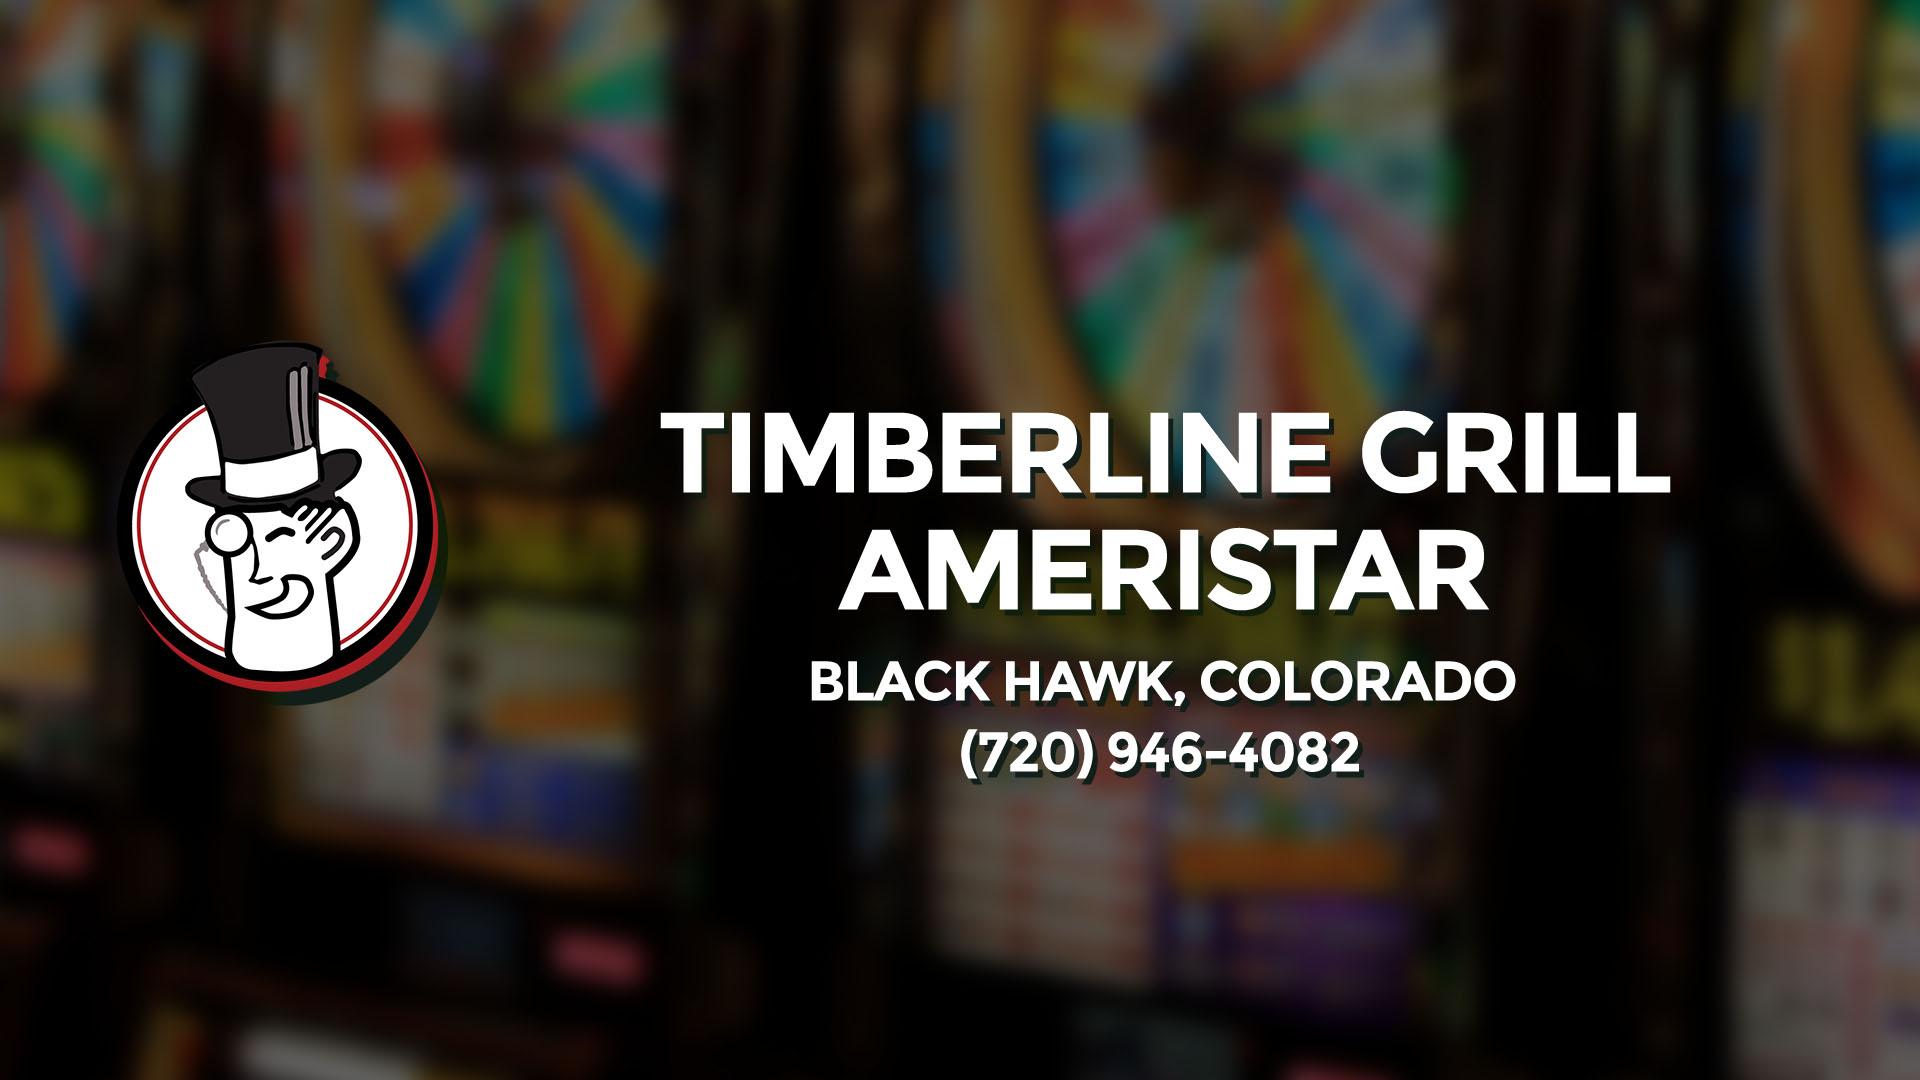 TIMBERLINE GRILL-AMERISTAR BLACK HAWK CO